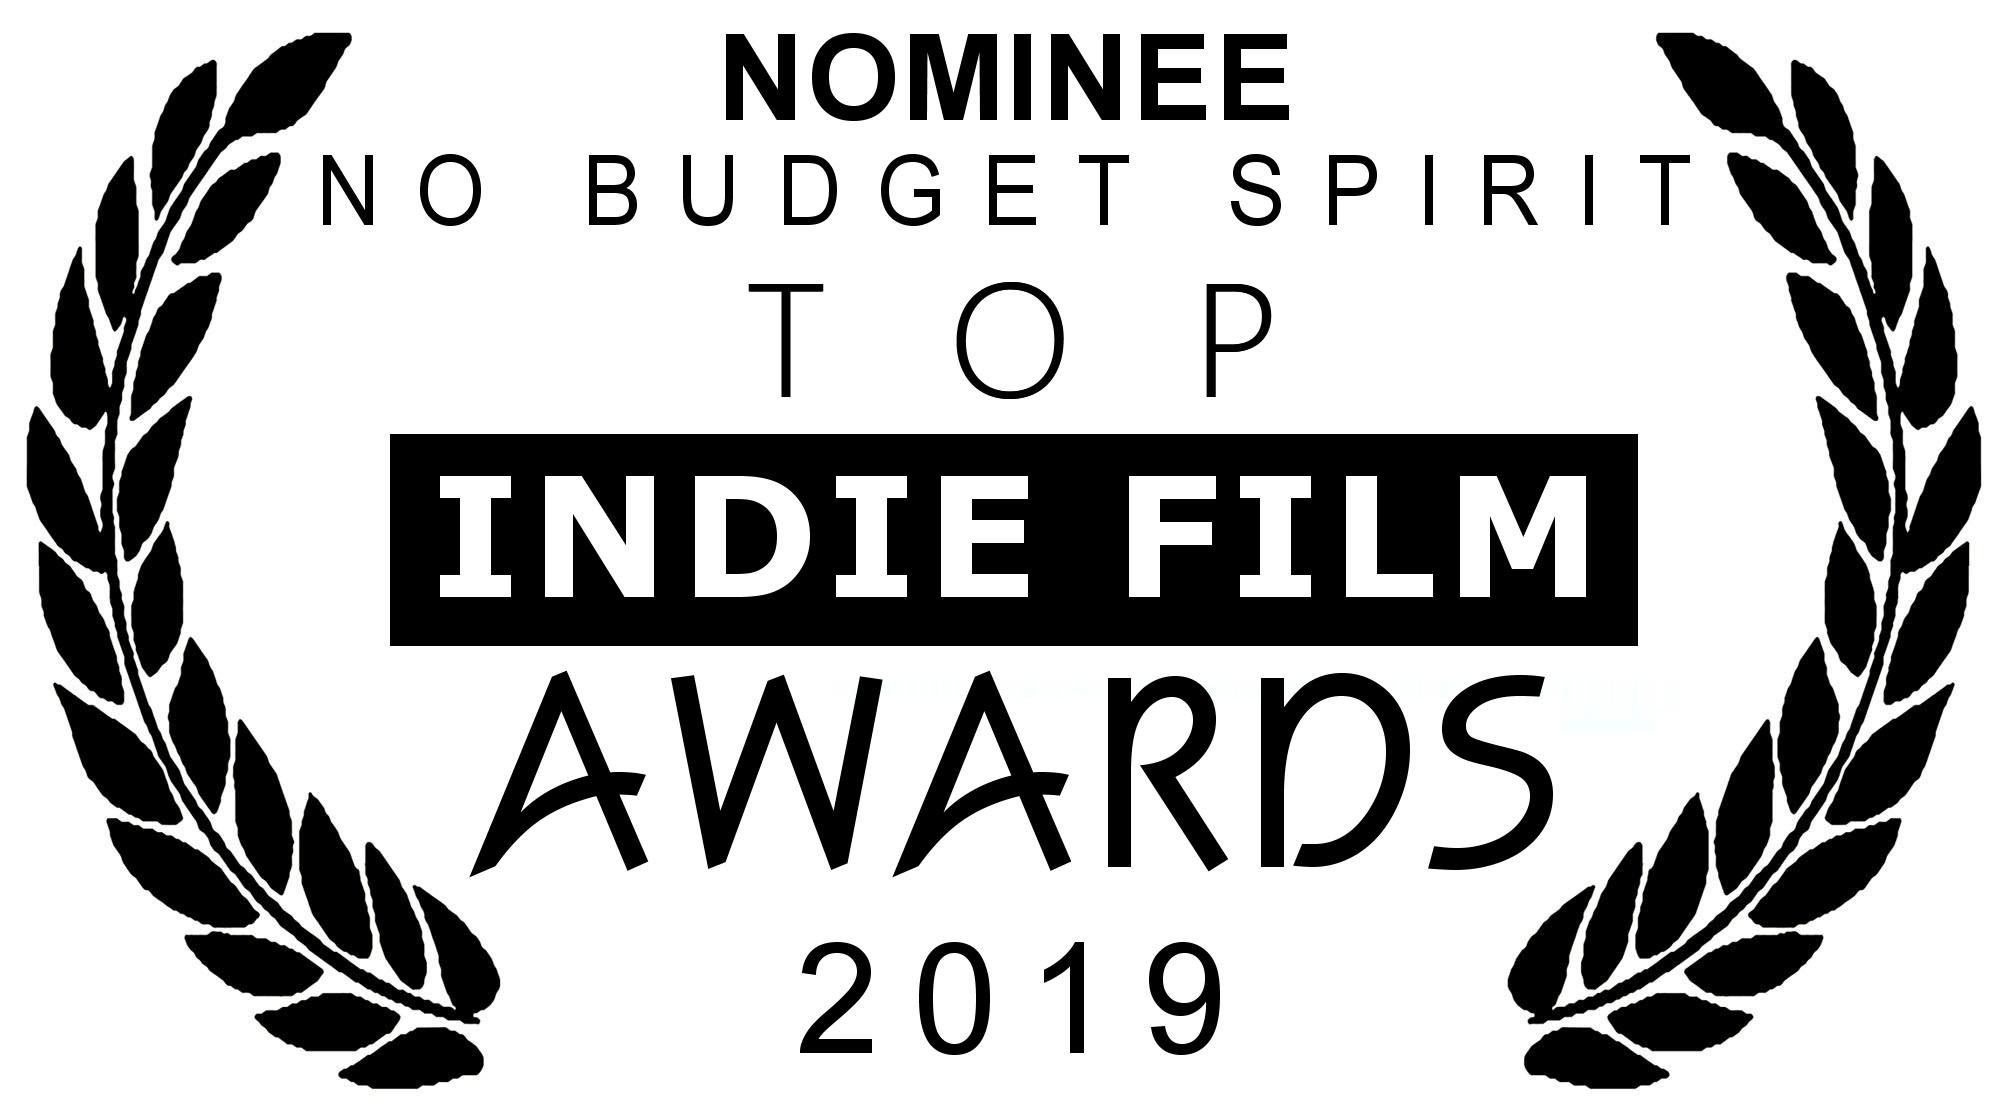 tifa-2019-nominee-no-budget-spirit.jpg